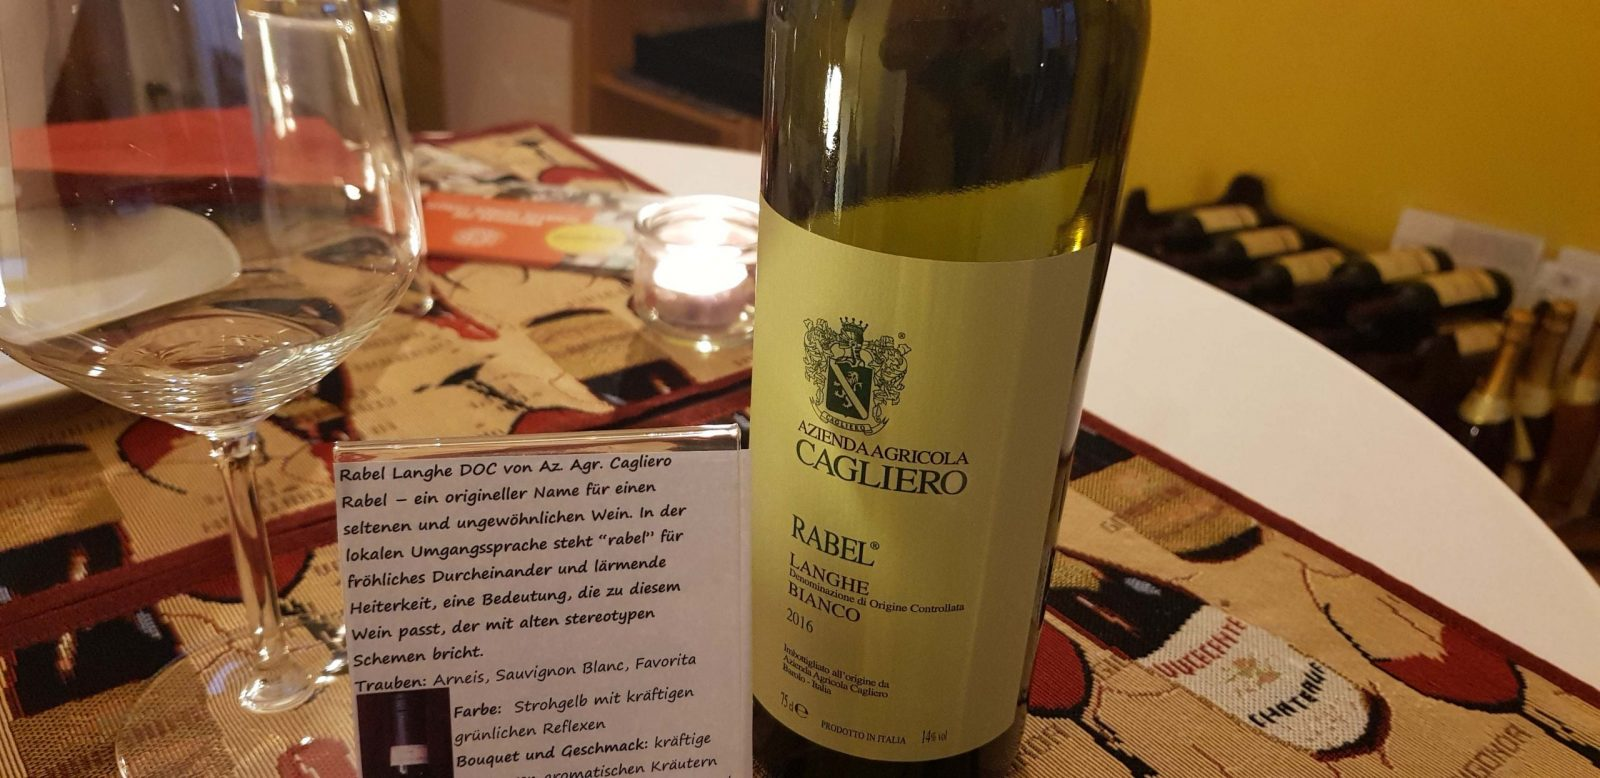 Wein der Verkostung: Rabel Langhe DOC - Wein online bestellen